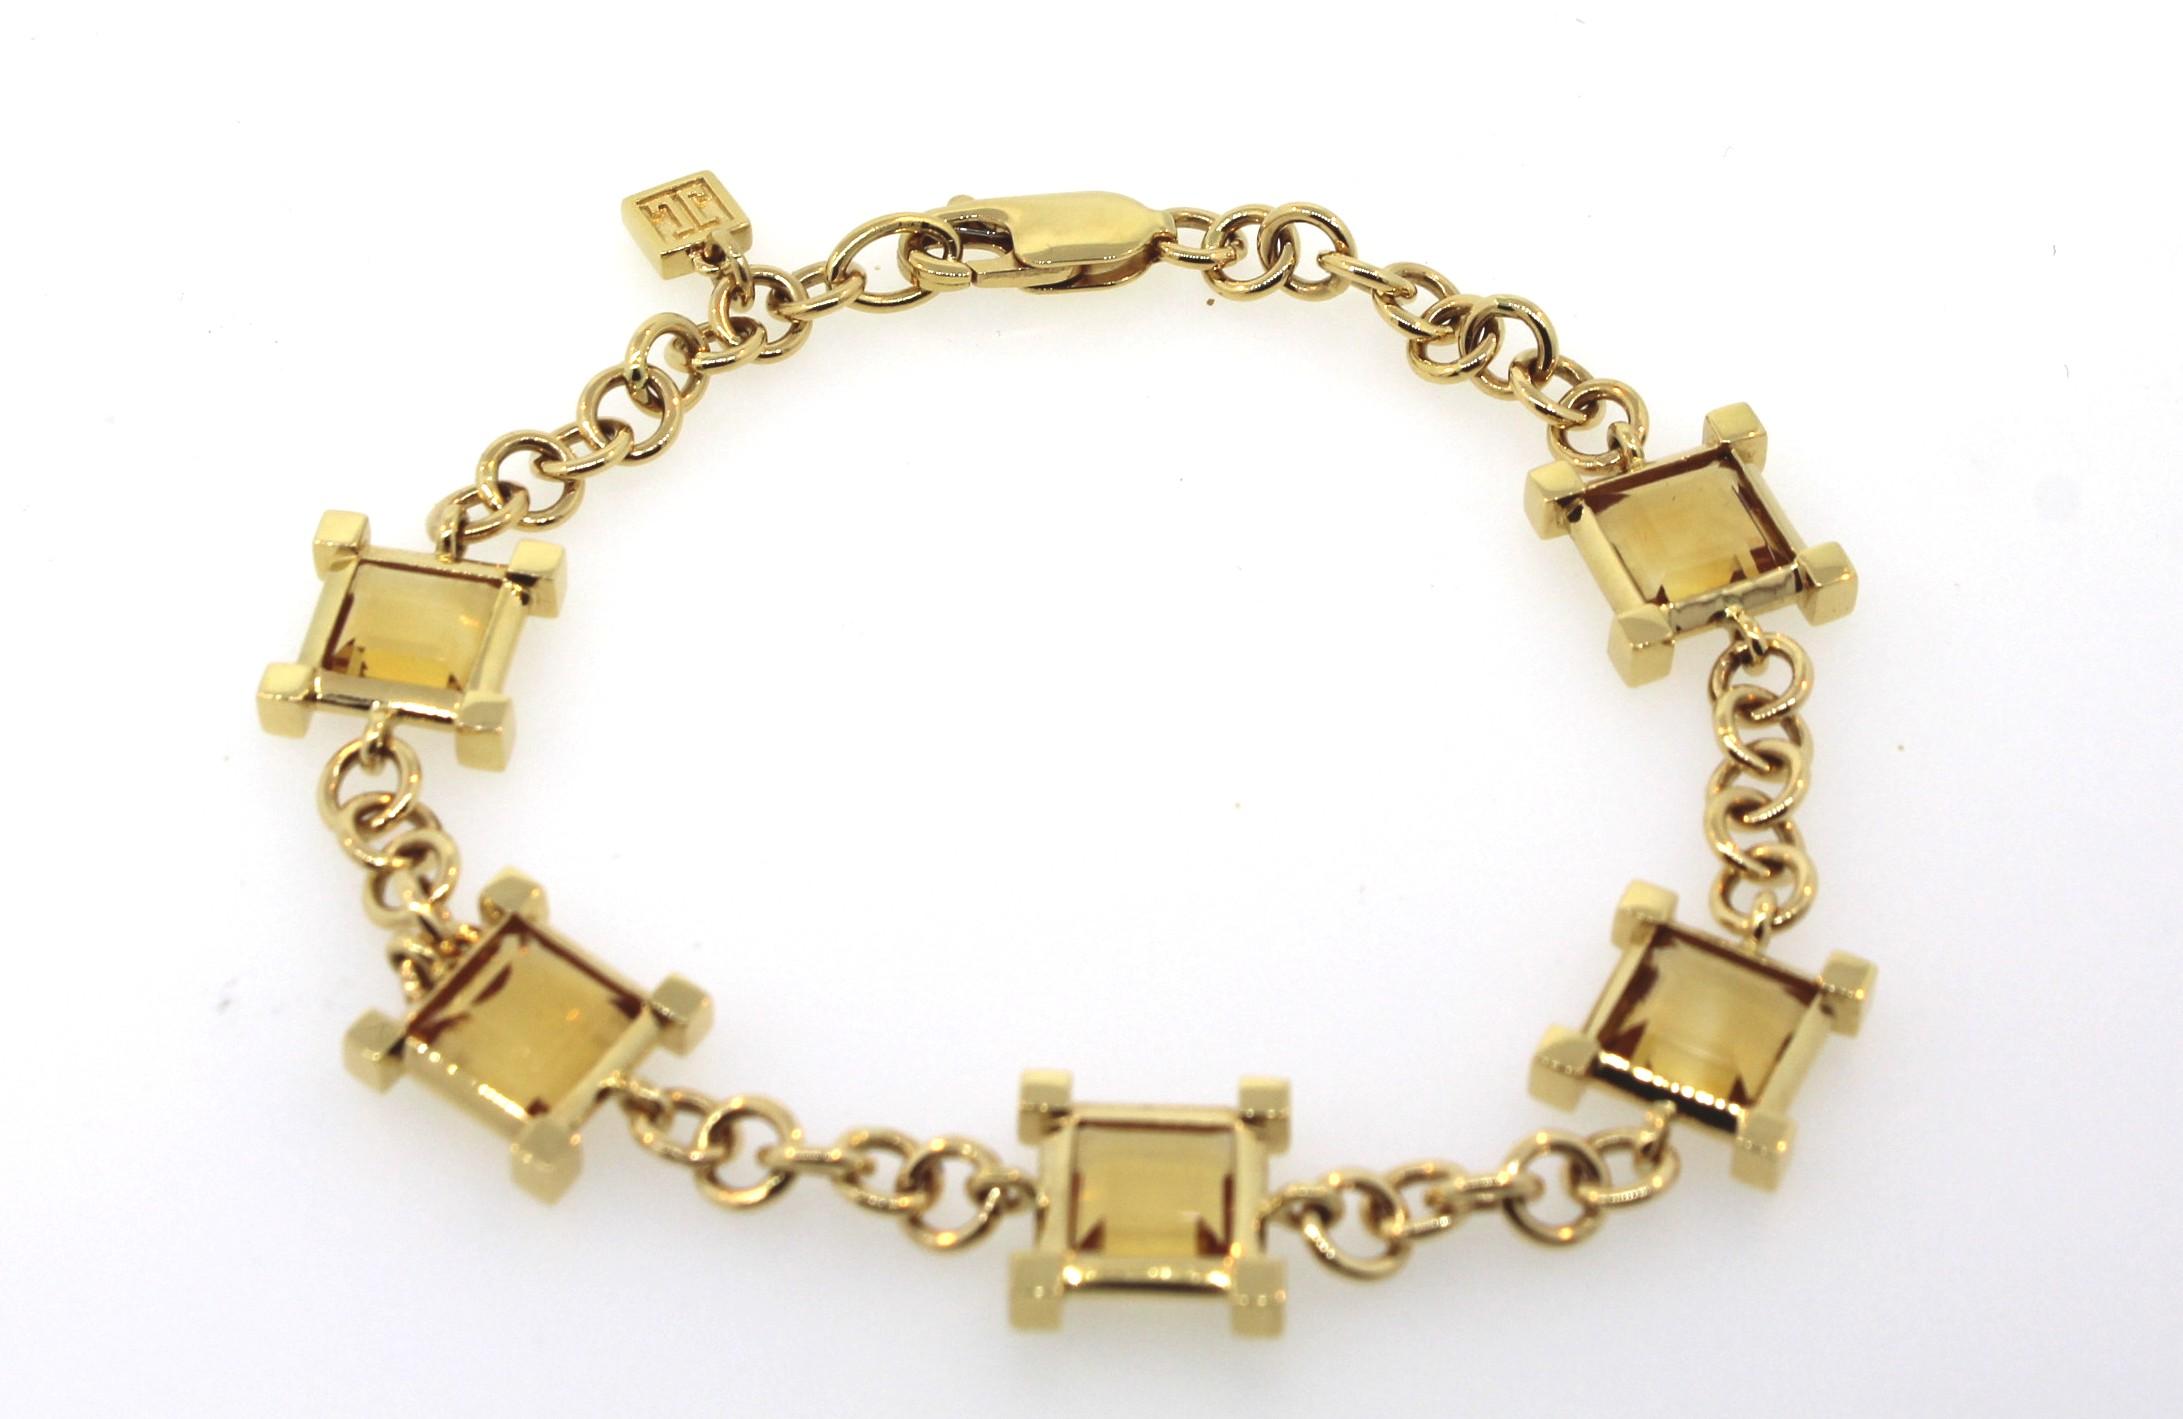 schickes jette joop armband citrin 750er gelbgold ebay. Black Bedroom Furniture Sets. Home Design Ideas